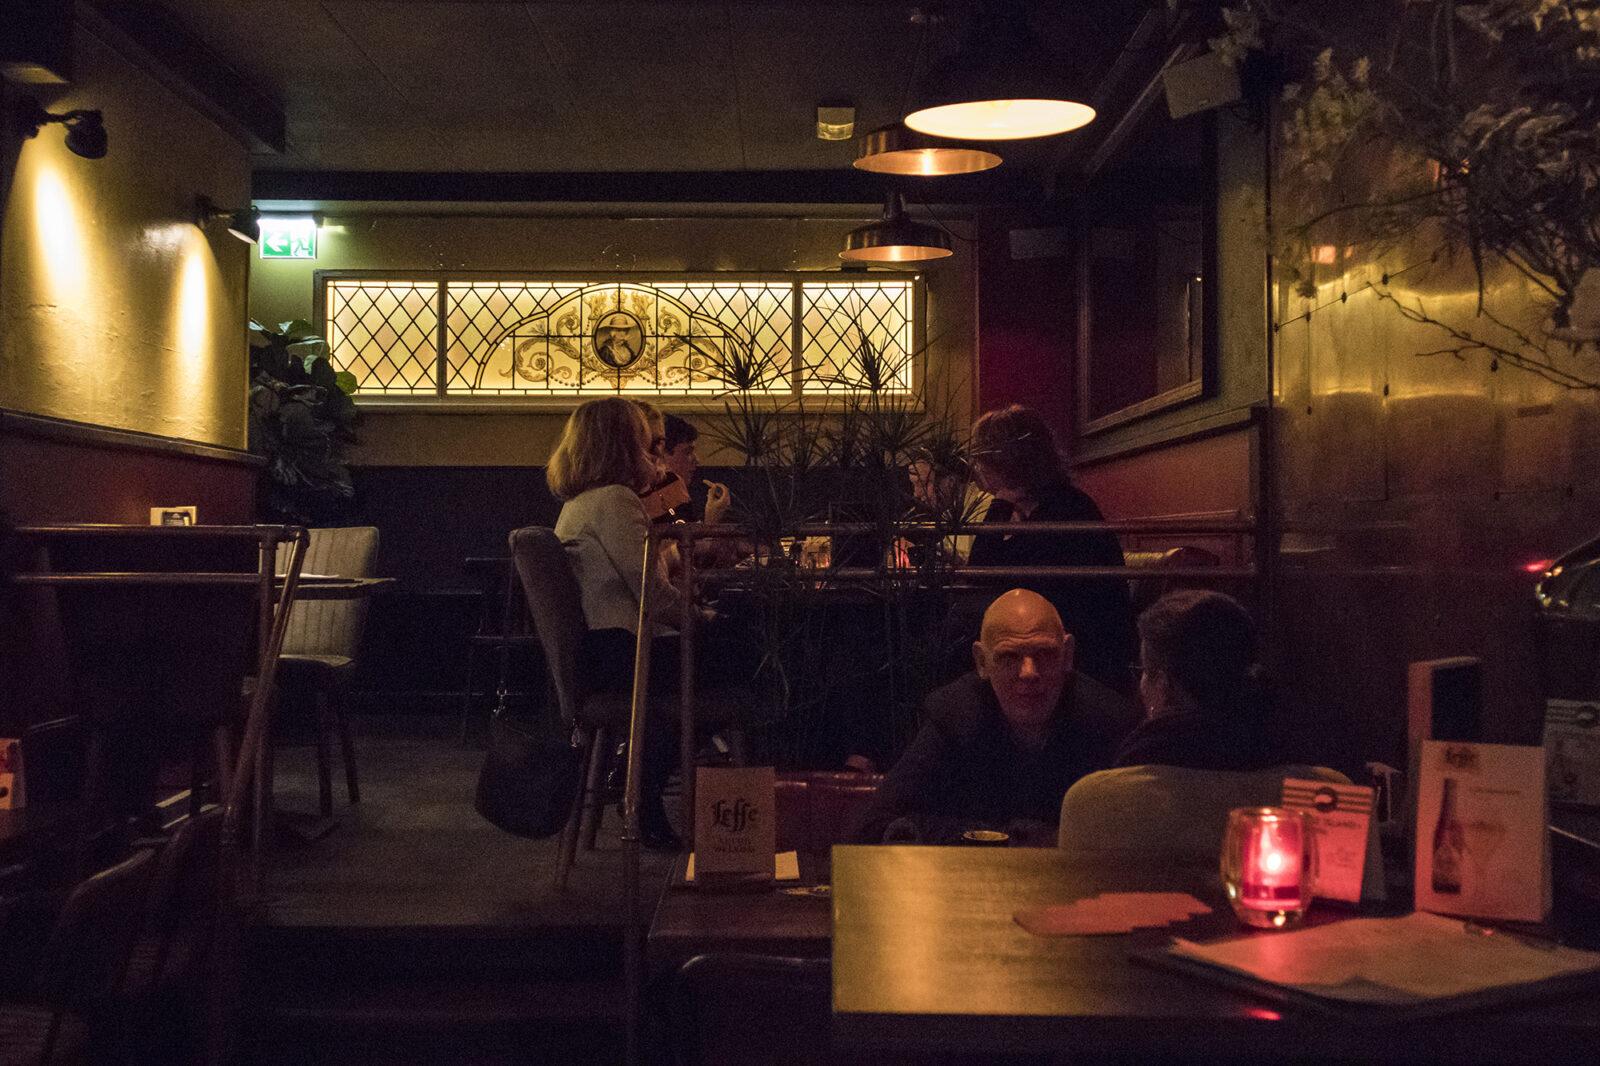 de stoep cafe kroegrecensie foto amber leijen (7)